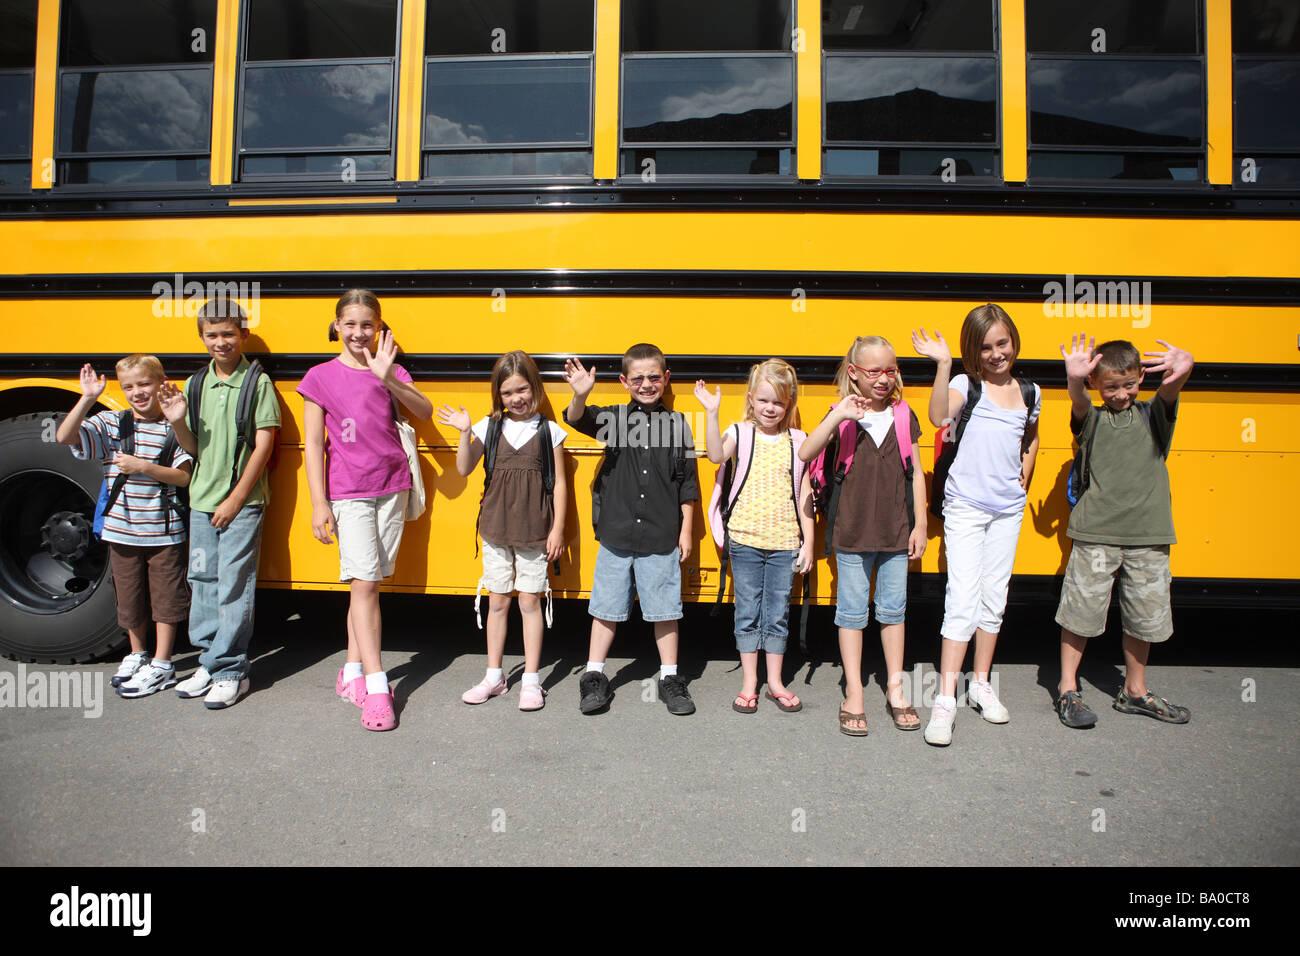 Groupe d'enfants de l'école en face de school bus Banque D'Images